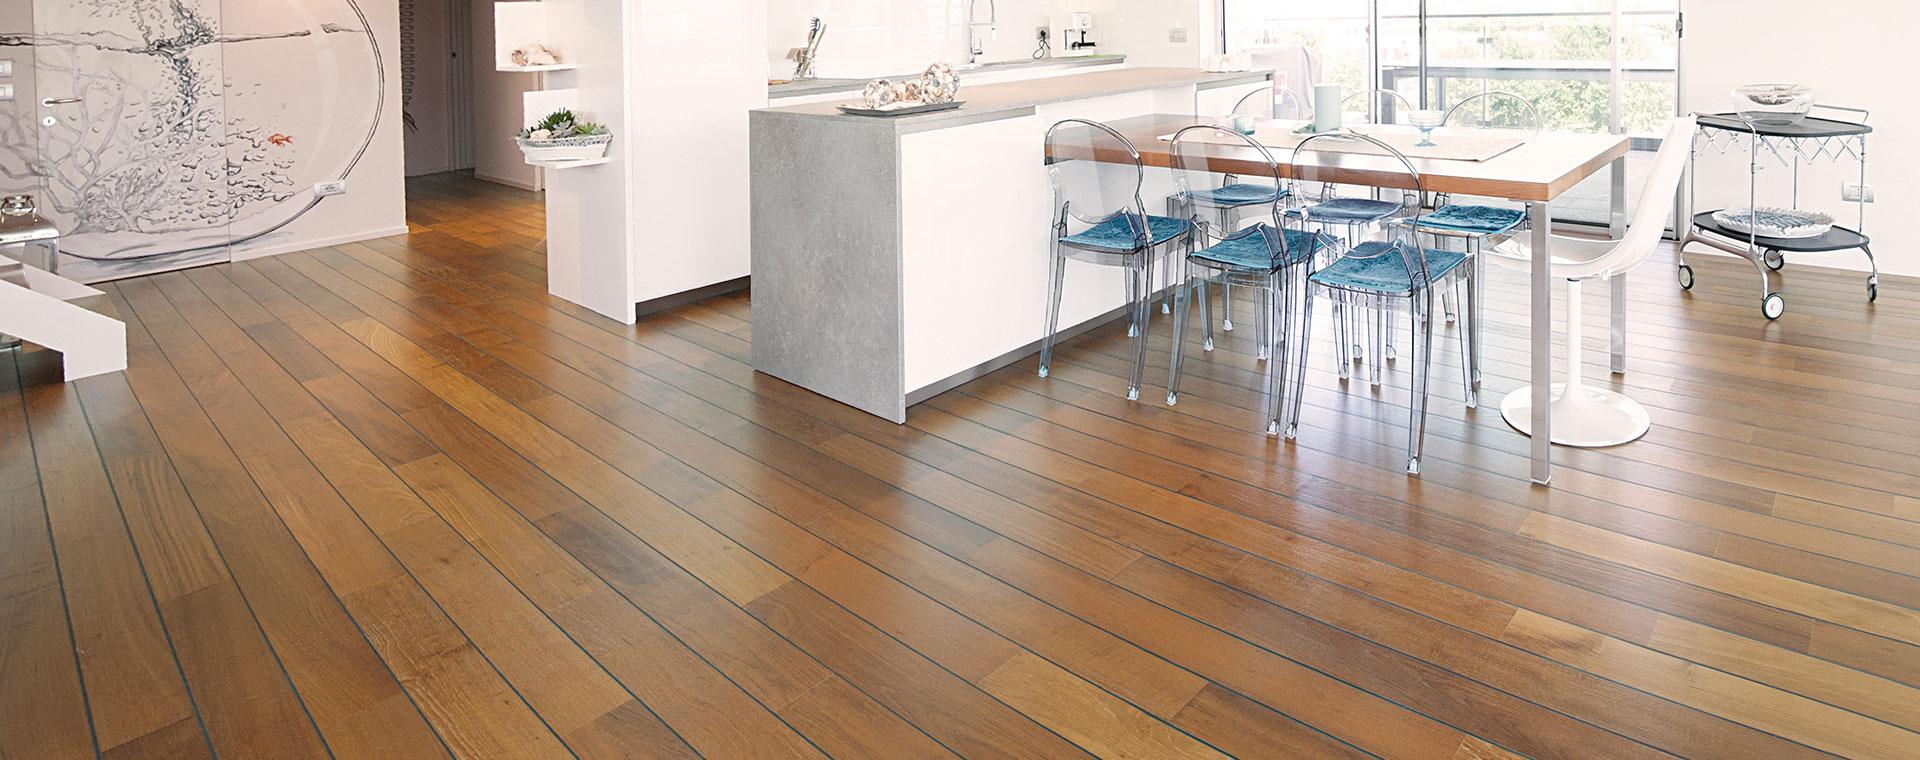 Pavimenti in legno moderni - Piastrelle autoadesive per bagno ...